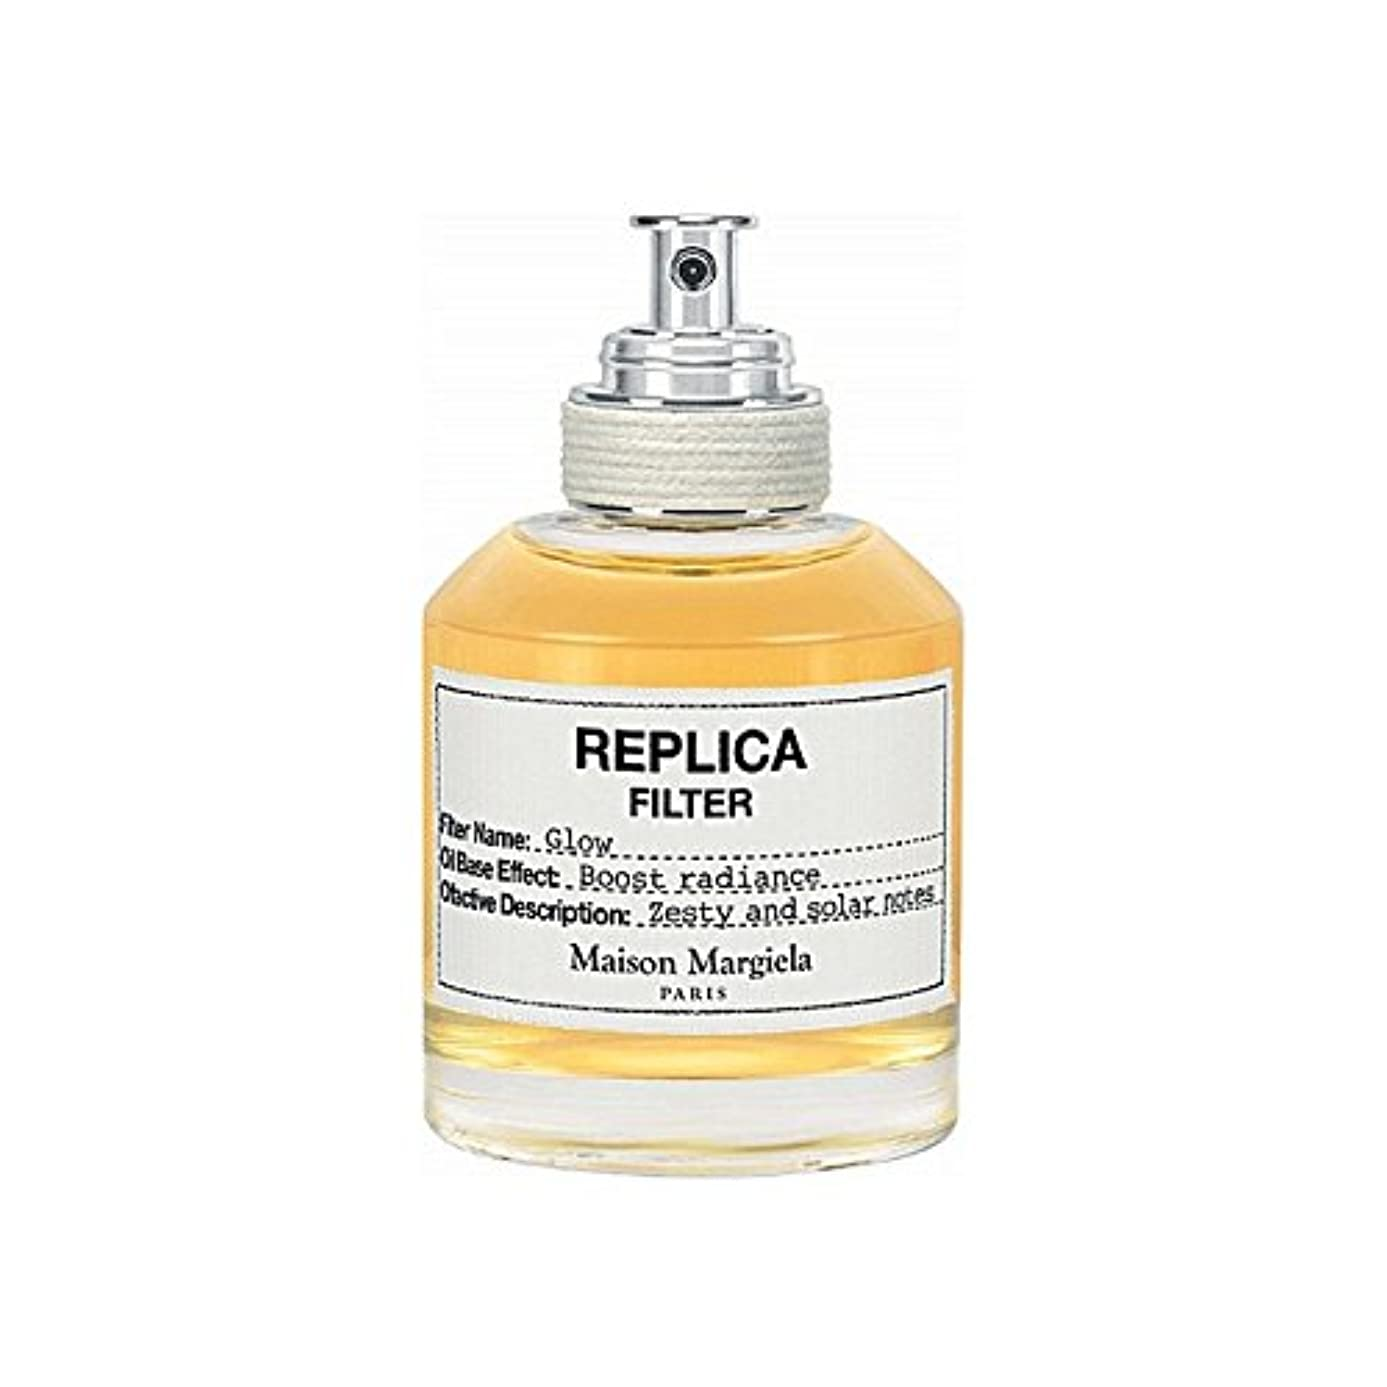 やろう美容師ねばねばメゾンマルジェラグローレプリカフィルタ50ミリリットル x4 - Maison Margiela Glow Replica Filter 50ml (Pack of 4) [並行輸入品]